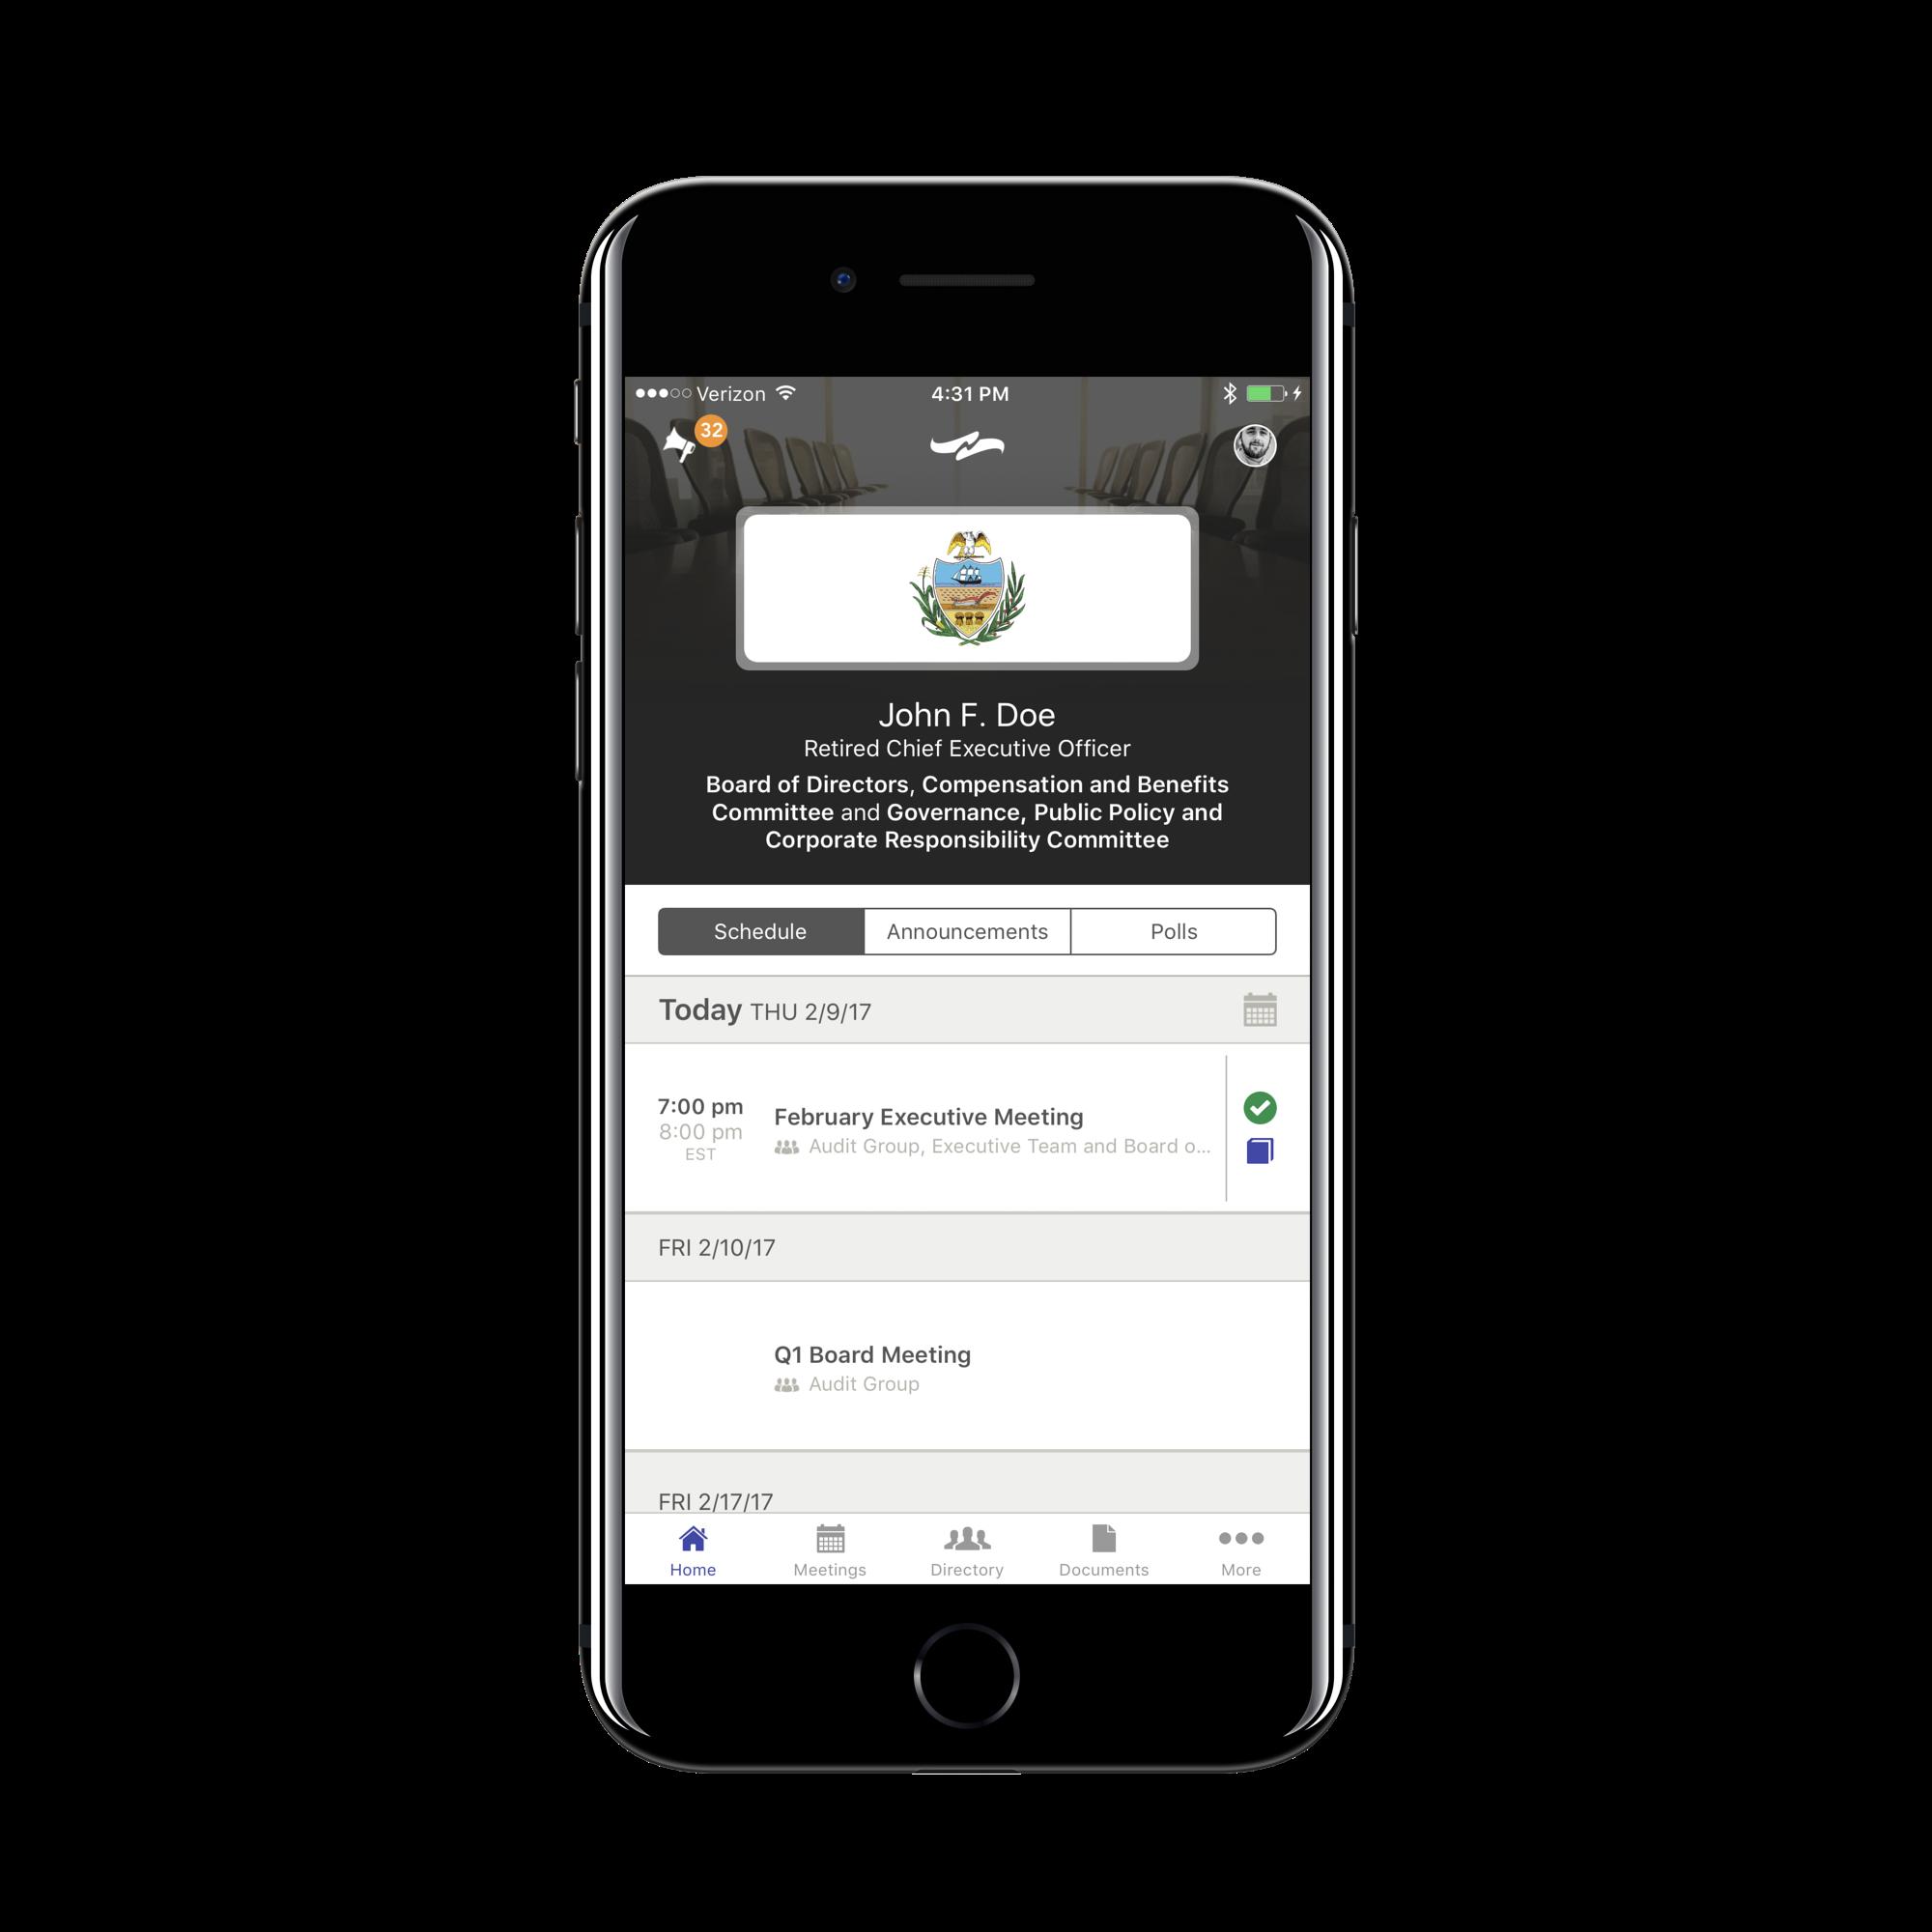 Boardbookit Releases Iphone App